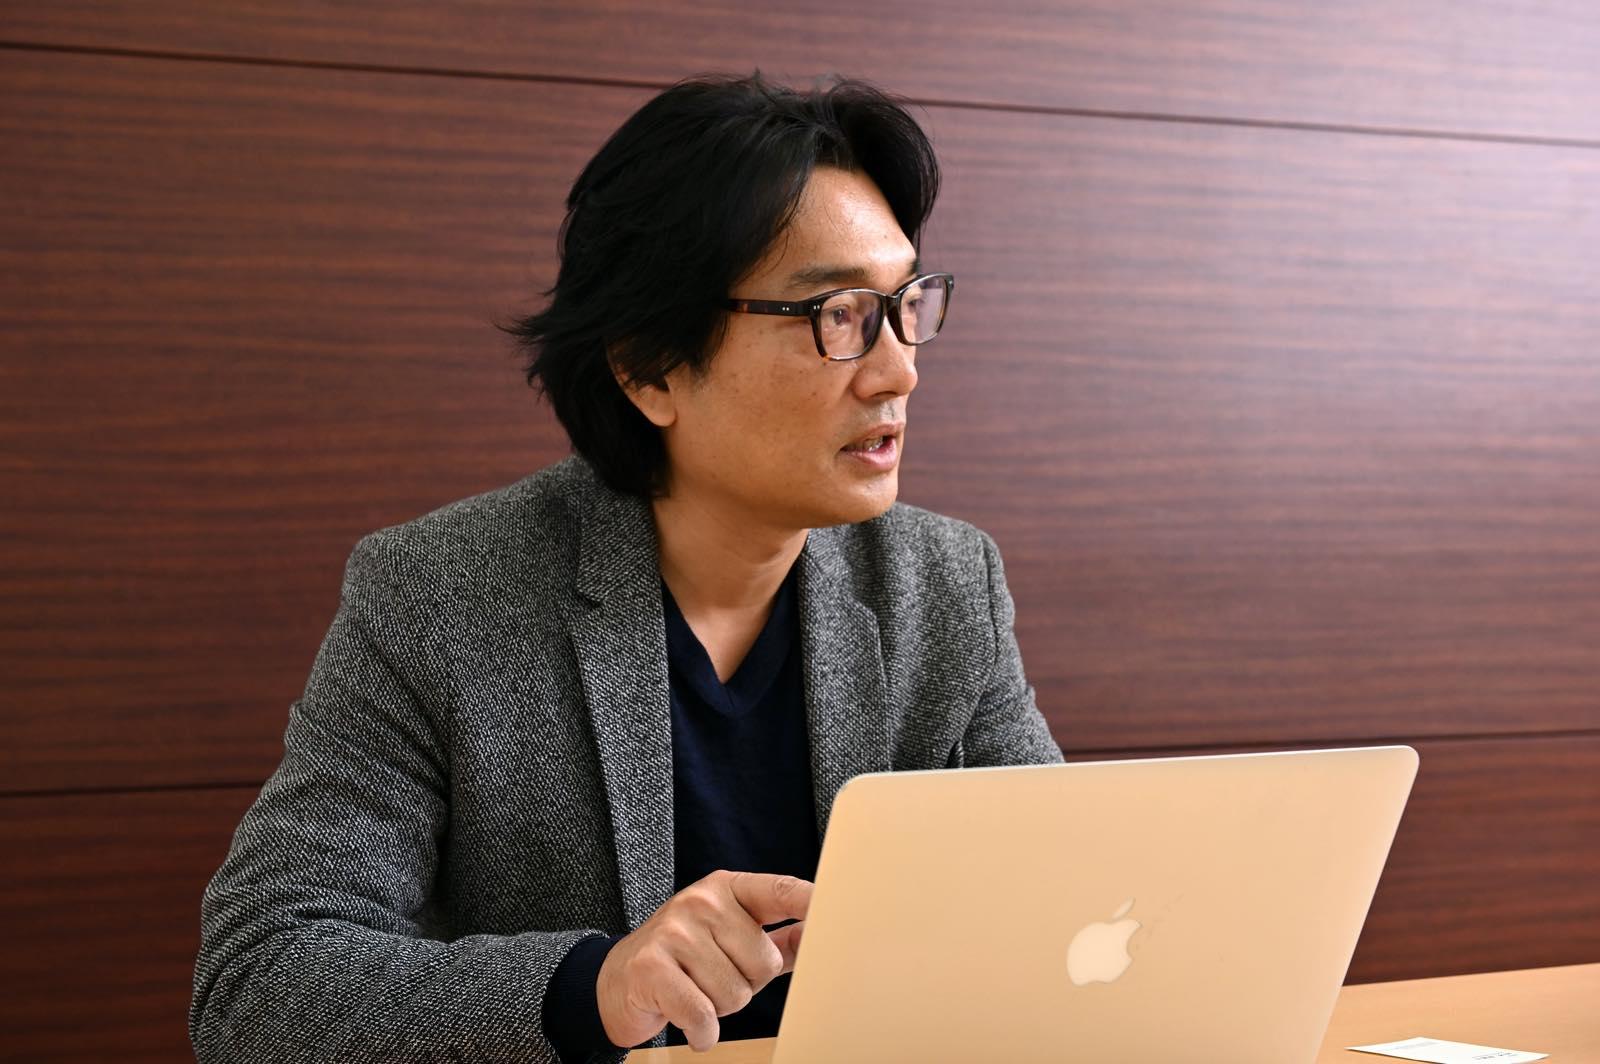 葉村真樹 総合研究所 未来都市研究機構 機構長